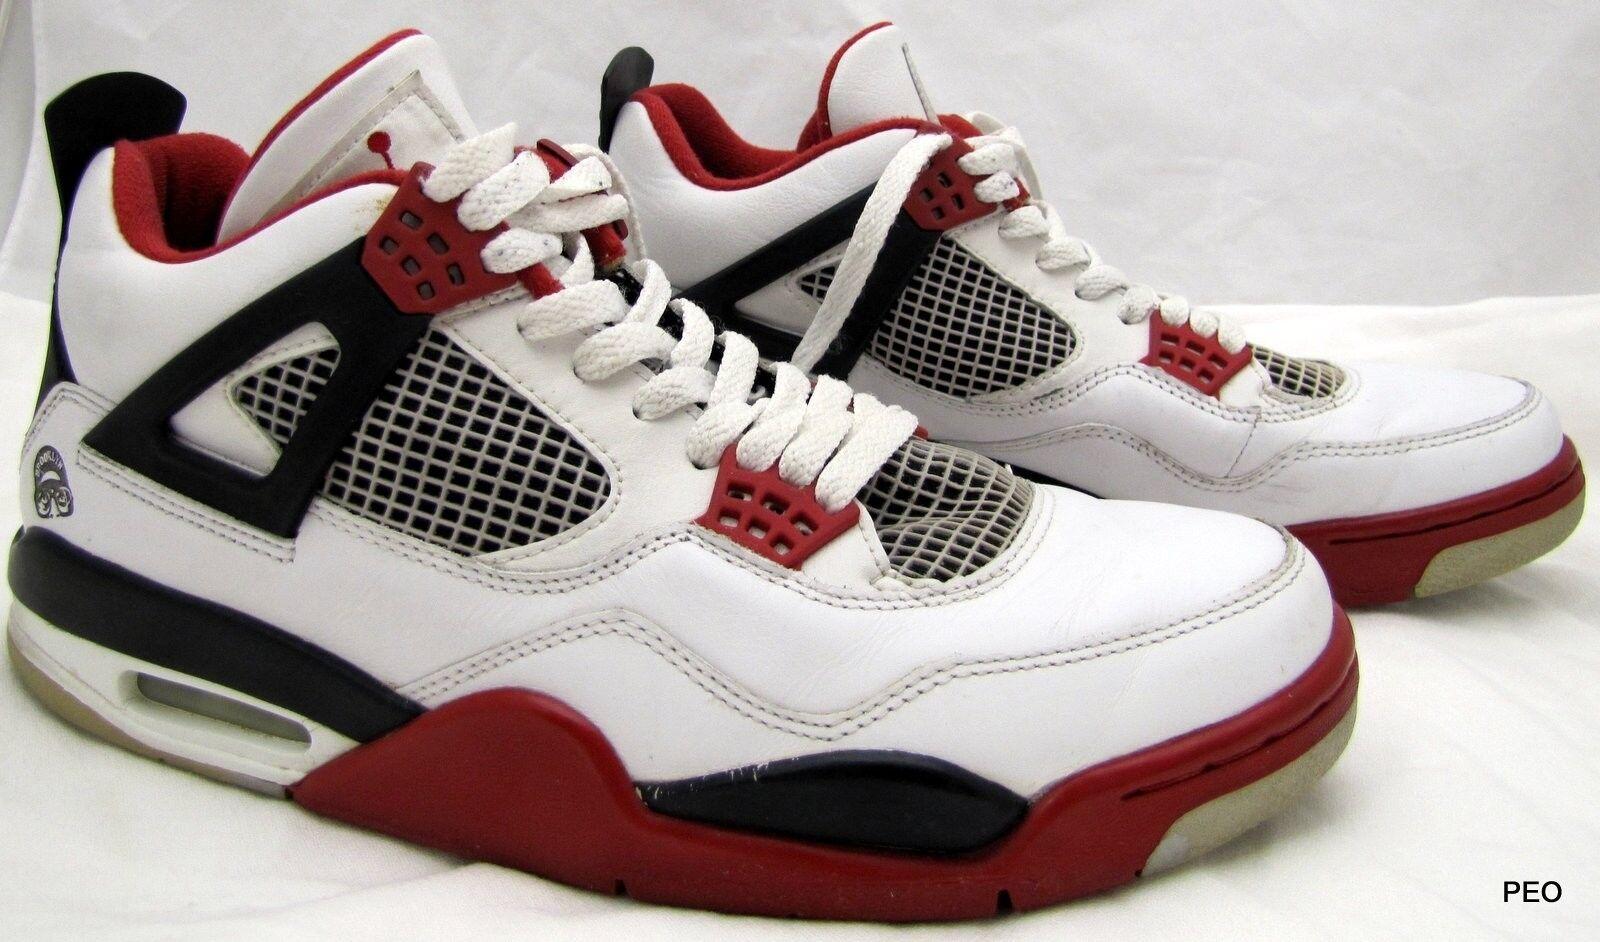 separation shoes ca882 917b8 Nike Air Jordan Brooklyn Brooklyn Brooklyn hombres SZ 10,5 blanco rojo  negro zapatos casuales zapatos de baloncesto 308497-141 salvaje 6fea53